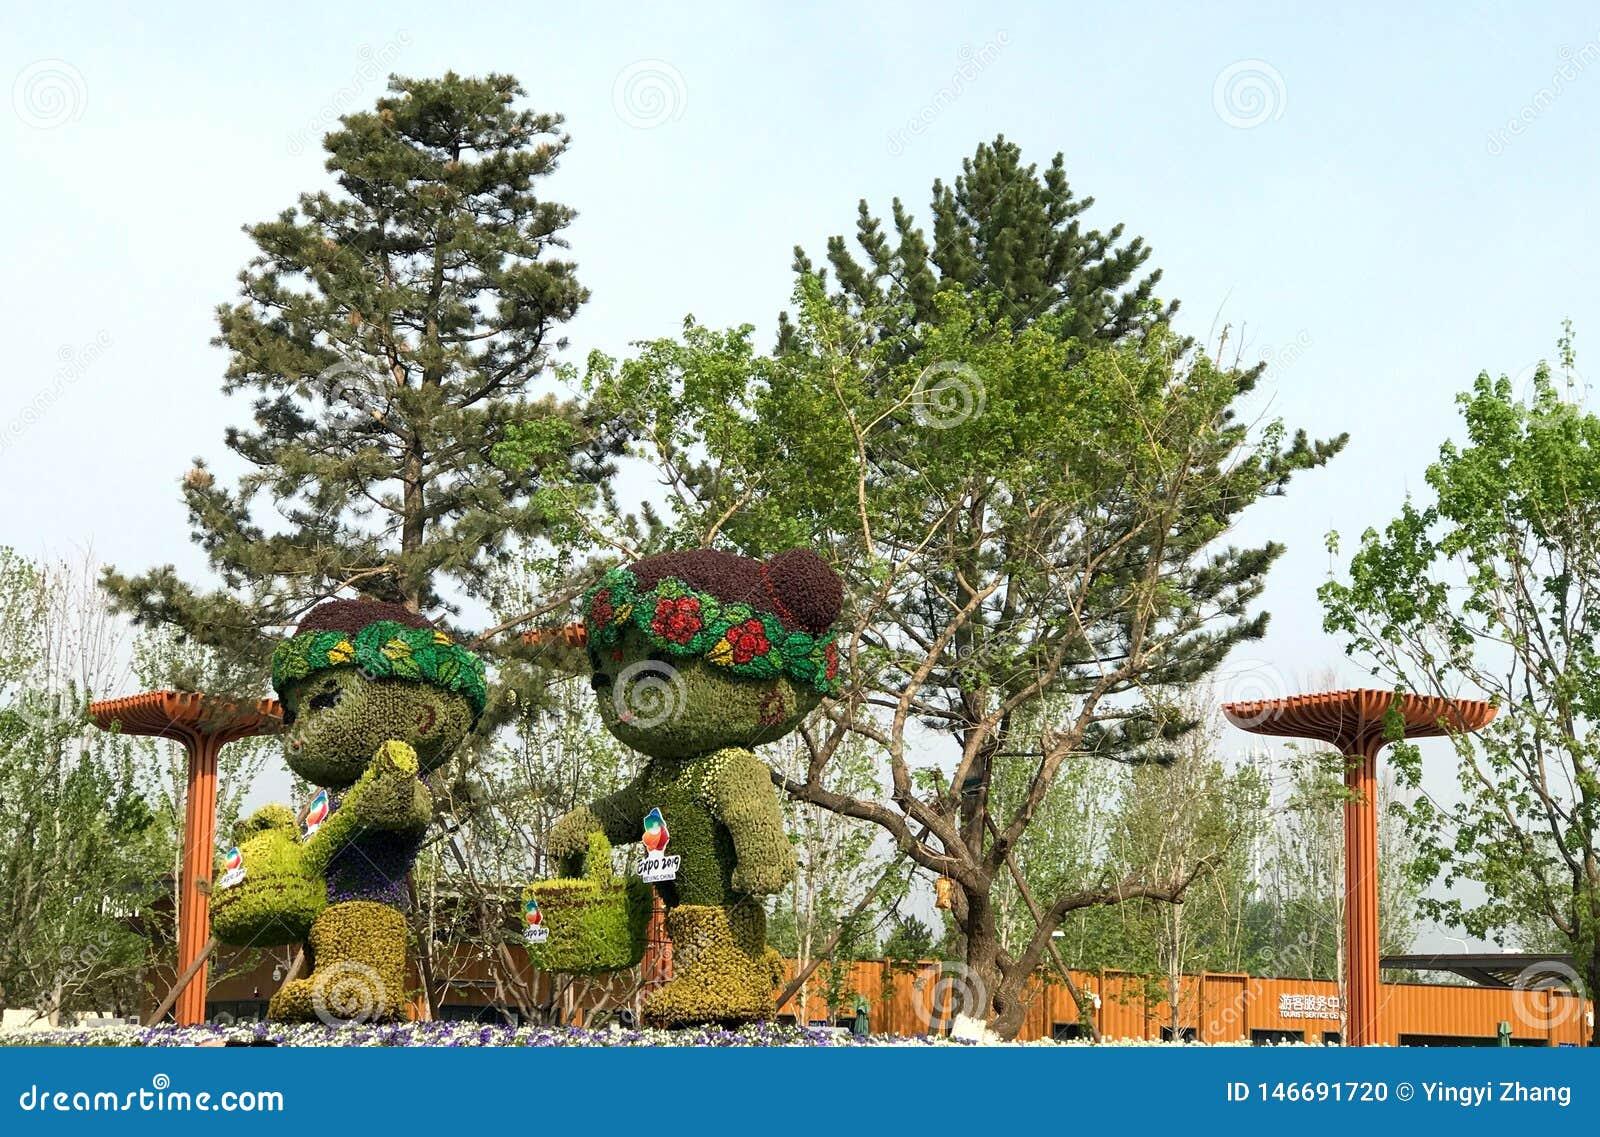 Китайский классический сад, китайские архитектуры, китайская культура, экспозиция 2019 Пекин международная садовническая